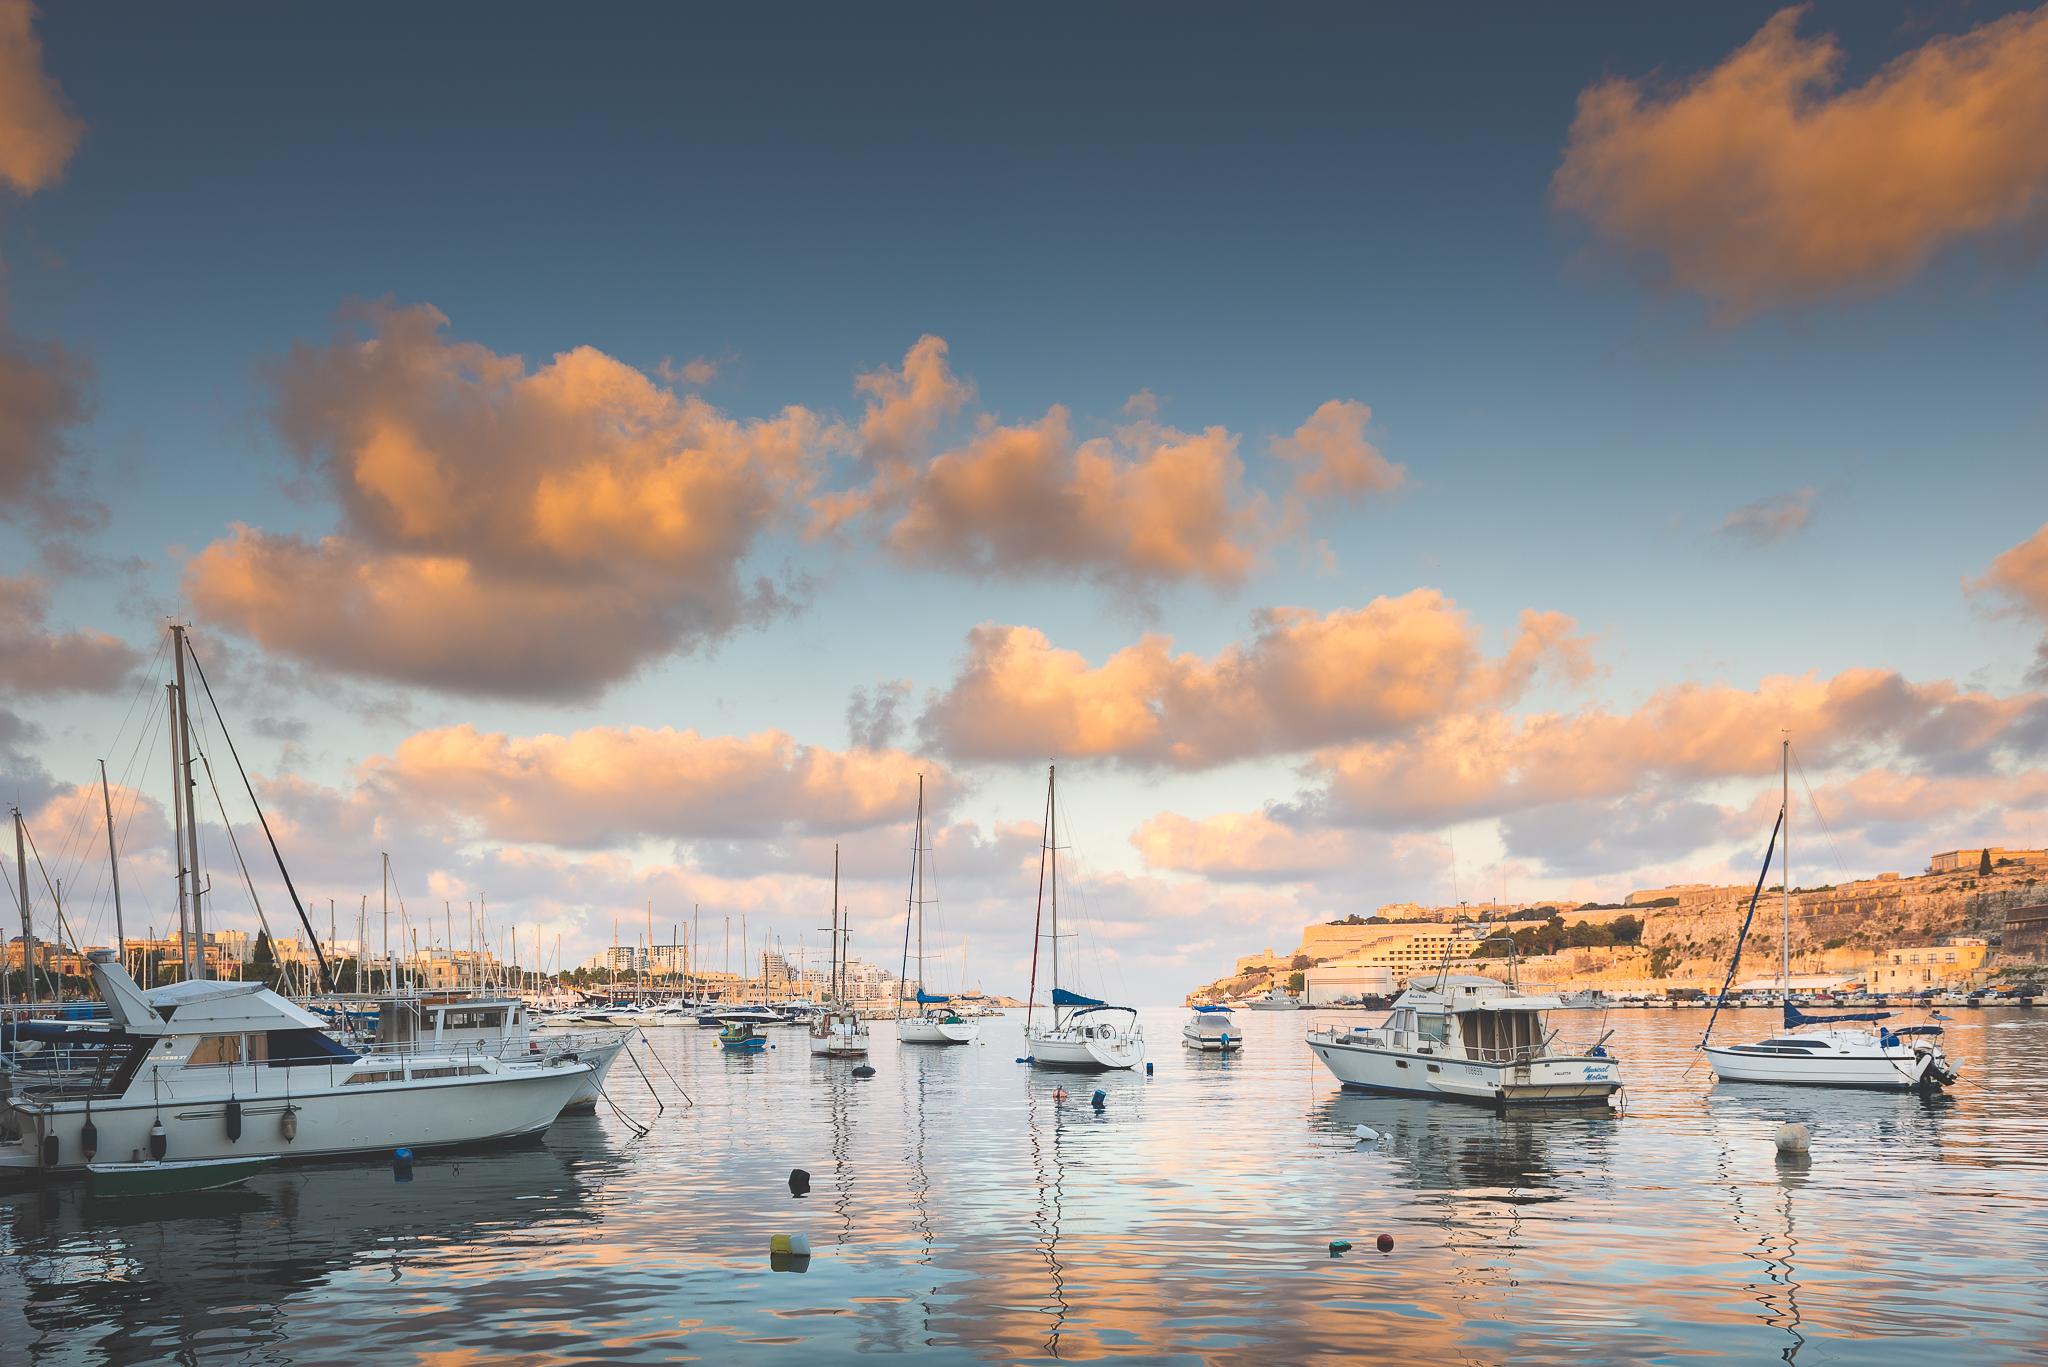 Galerie foto: Valletta & St. Julien, Malta